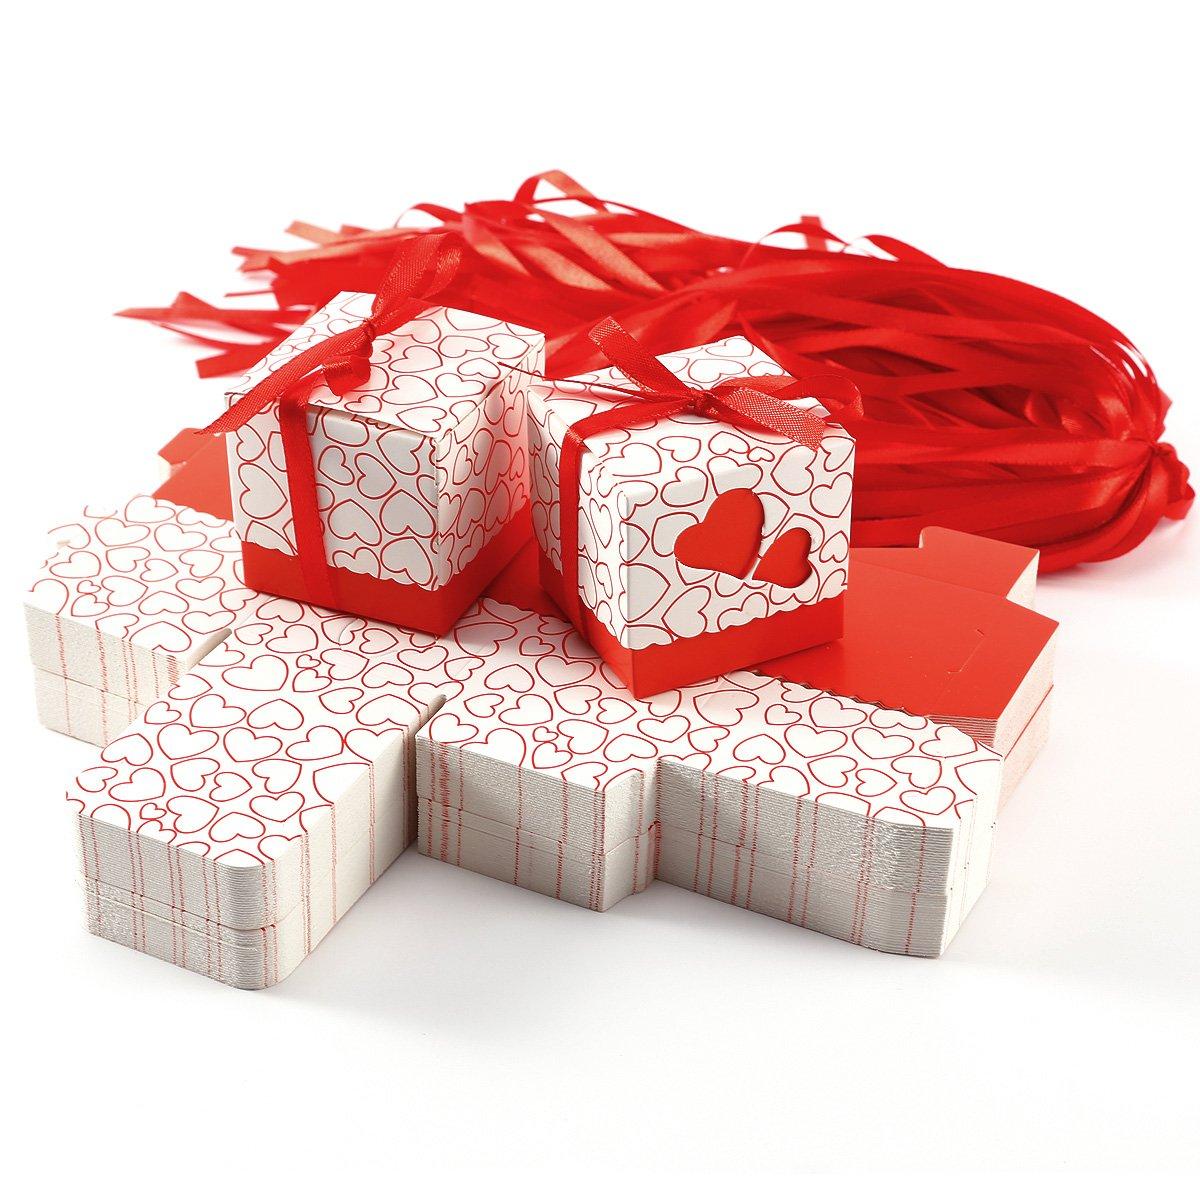 100x Boîte à dragées couvercle coeurs ruban mariage baptême rouge Générique